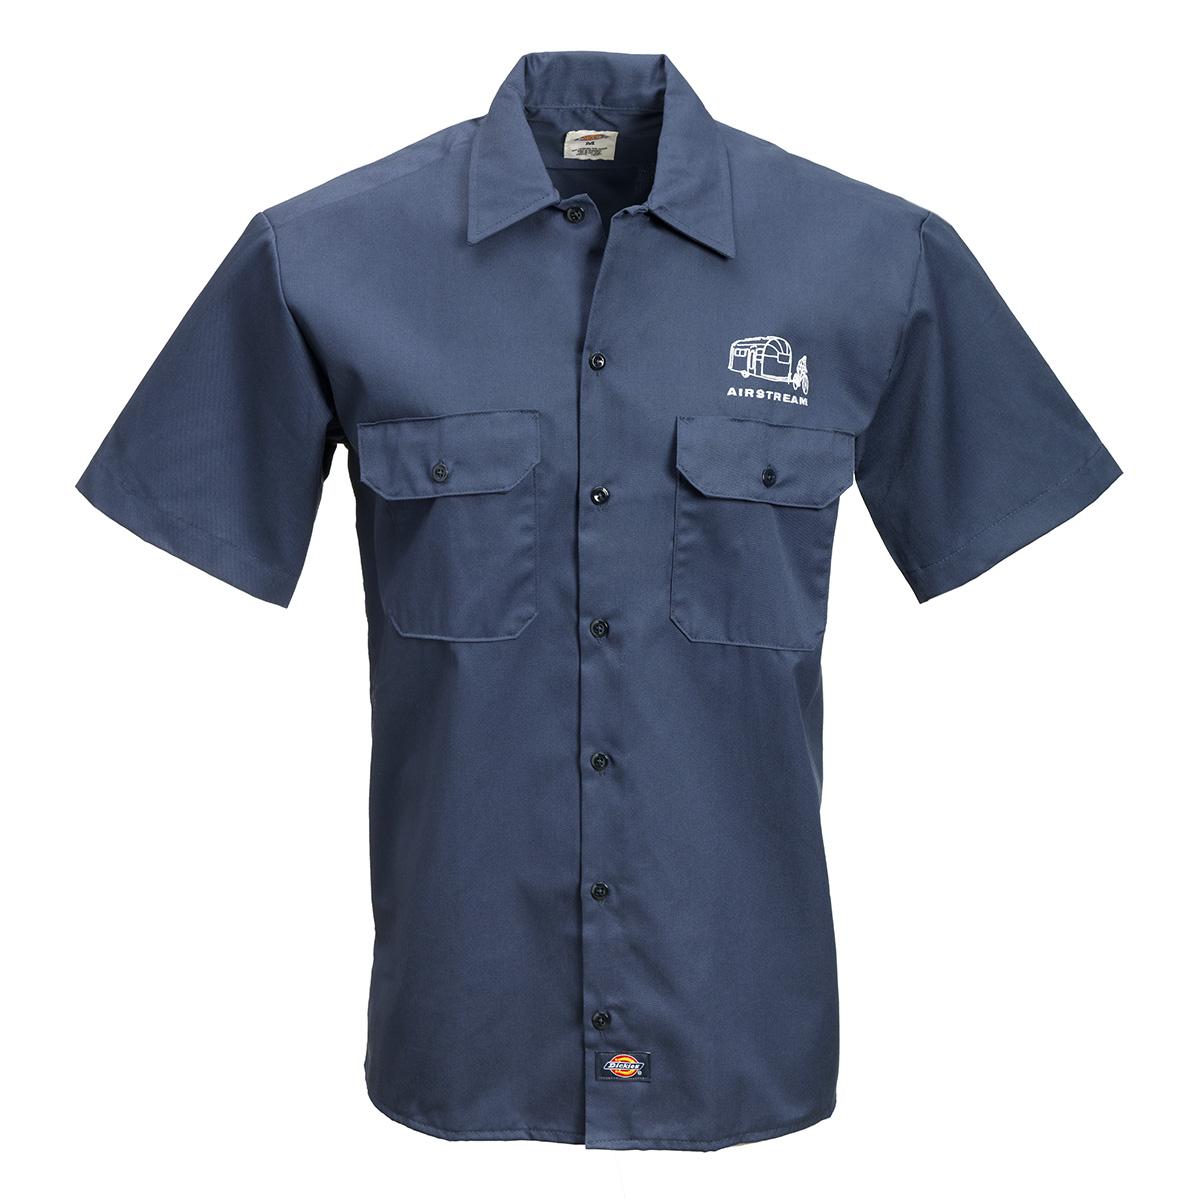 AIRMKT eCom Work Shirt Blue 50577 WEB